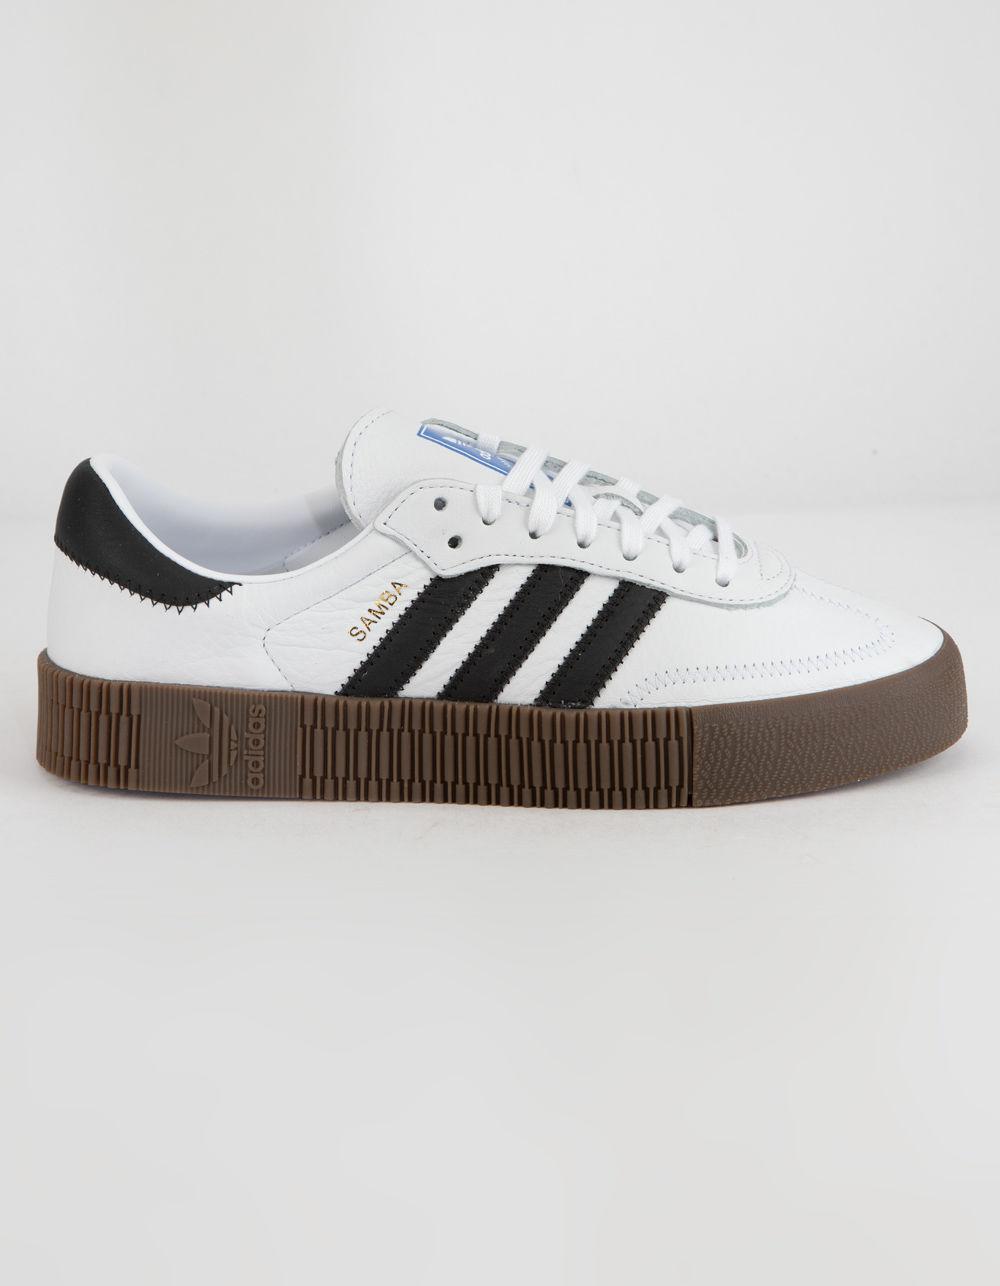 Lyst - adidas Sambarose White   Gum Womens Shoes in White b44561106